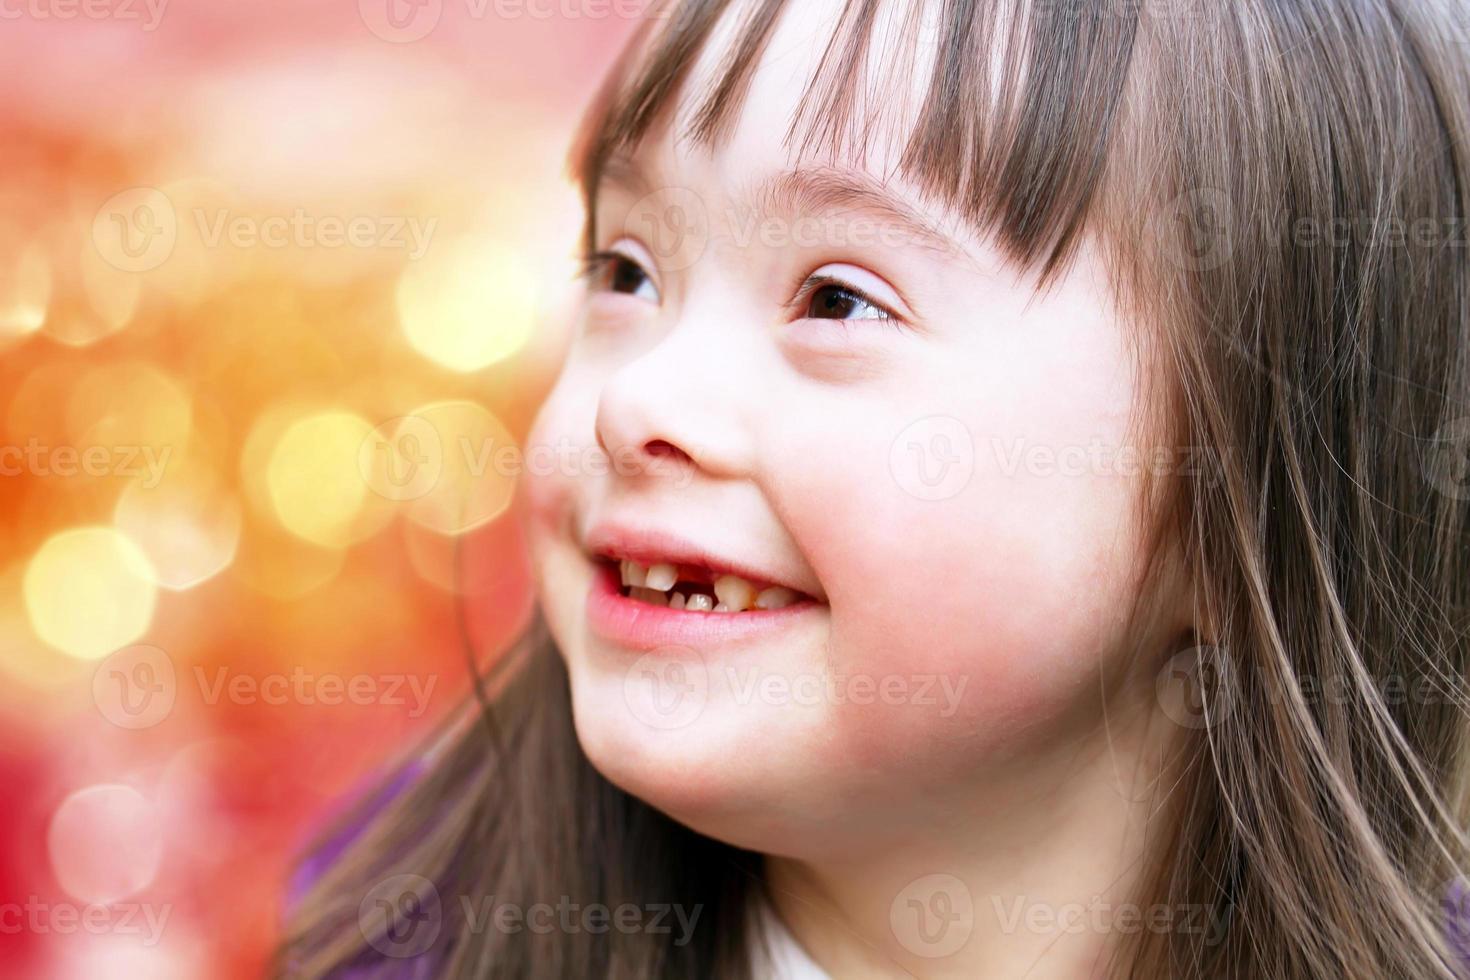 ragazza sorridente con luci in bakground foto